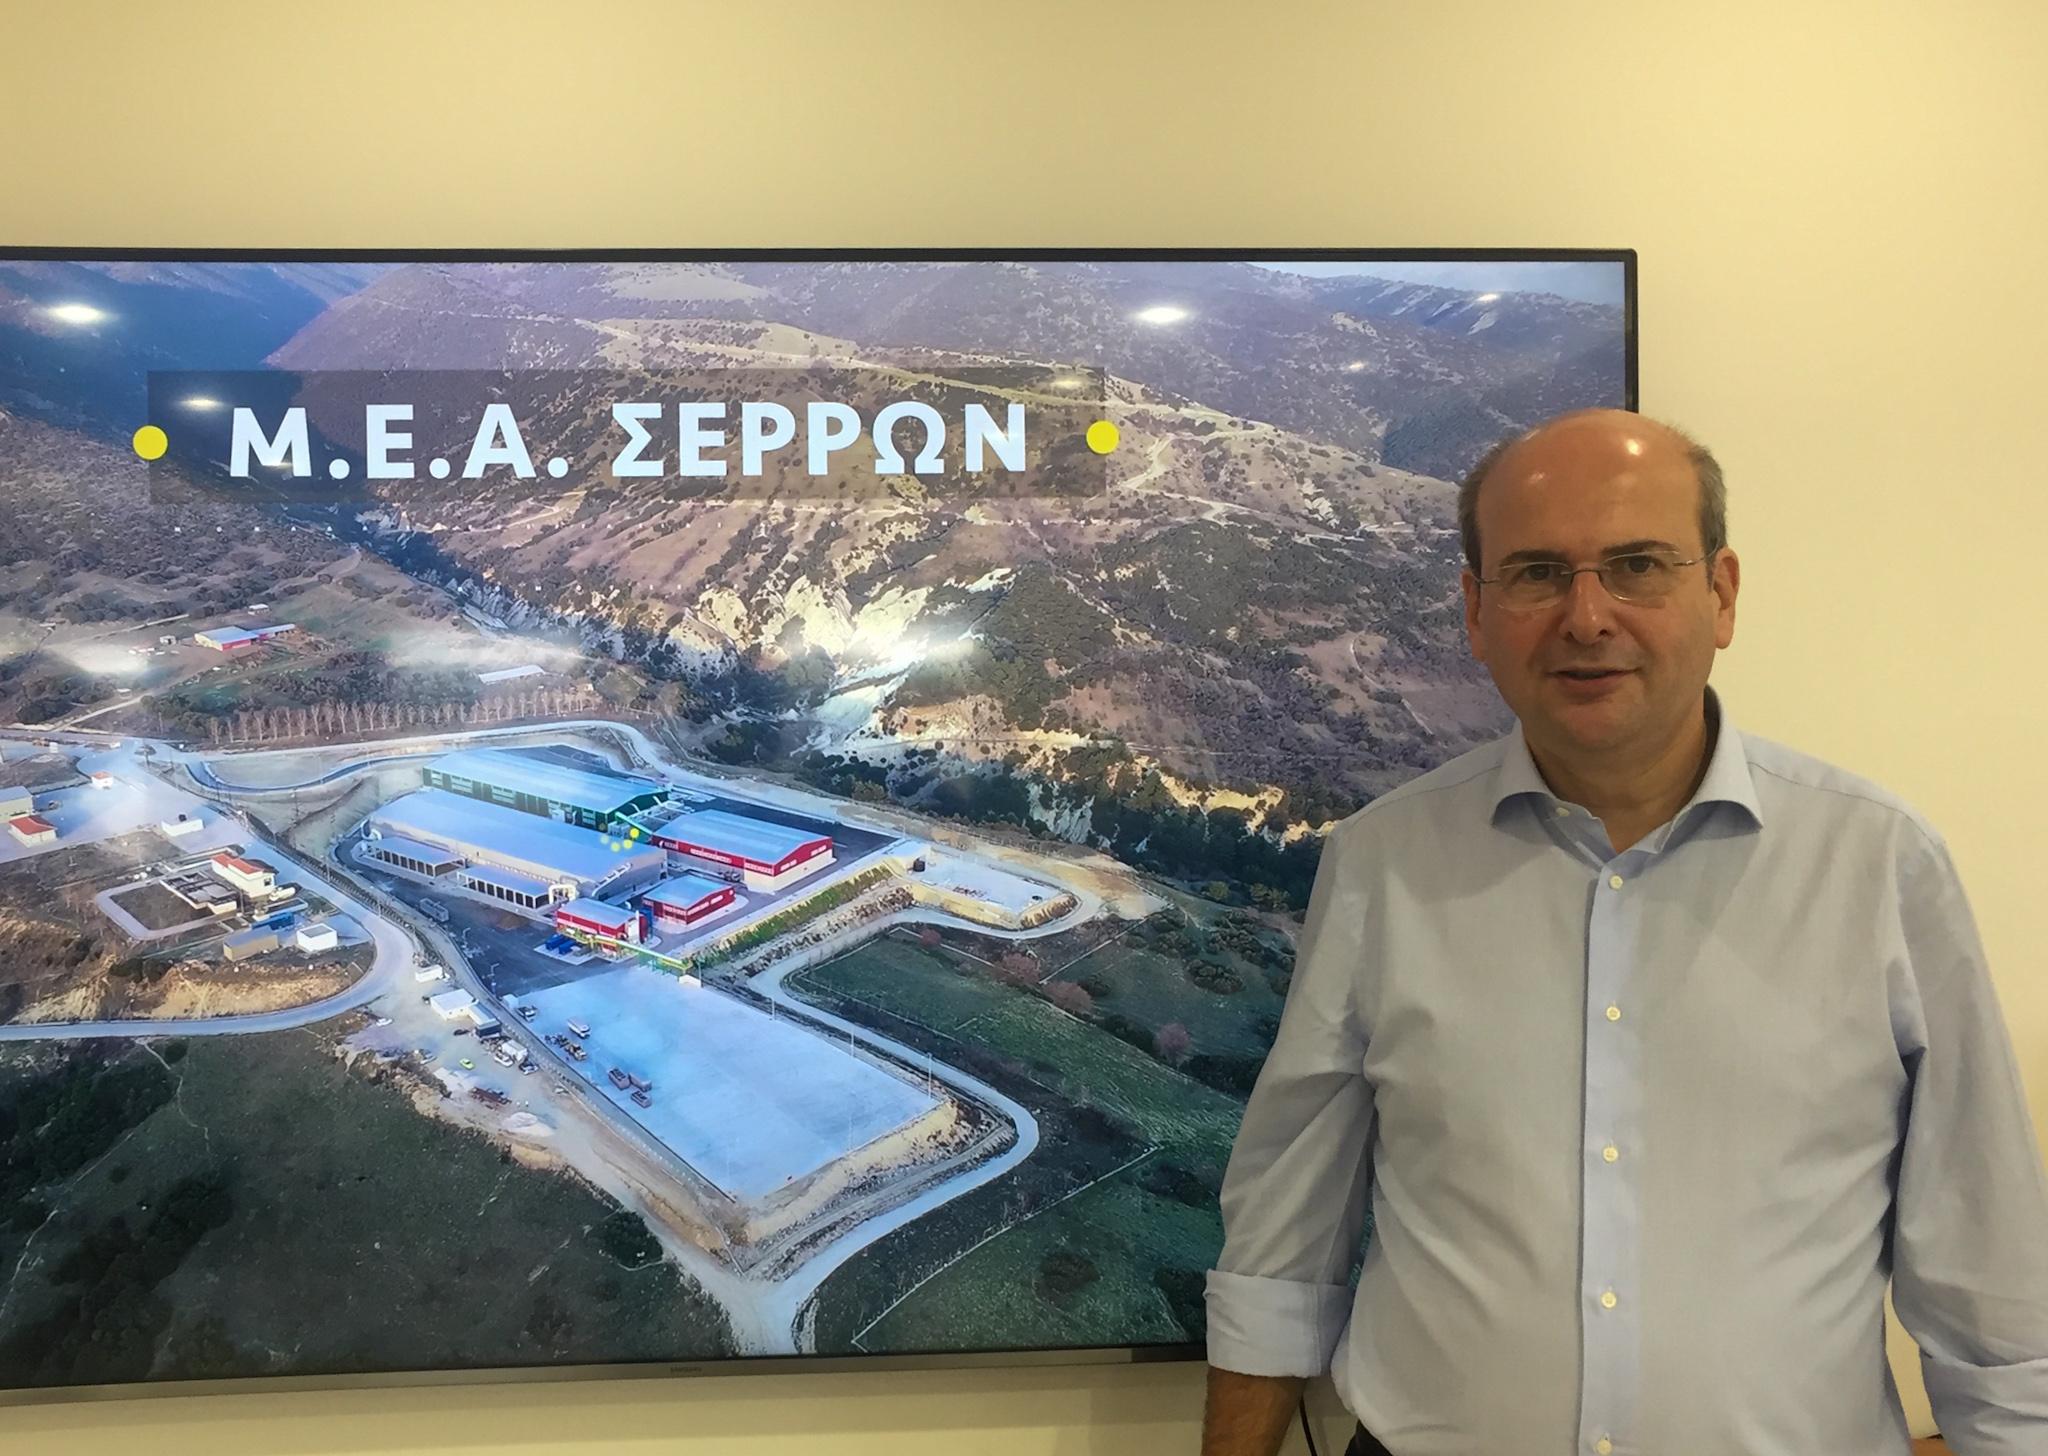 Κ. Χατζηδάκης: Αυτό που γίνεται με τη διαχείριση απορριμμάτων στις Σέρρες πρέπει να γίνει σε όλη την Ελλάδα